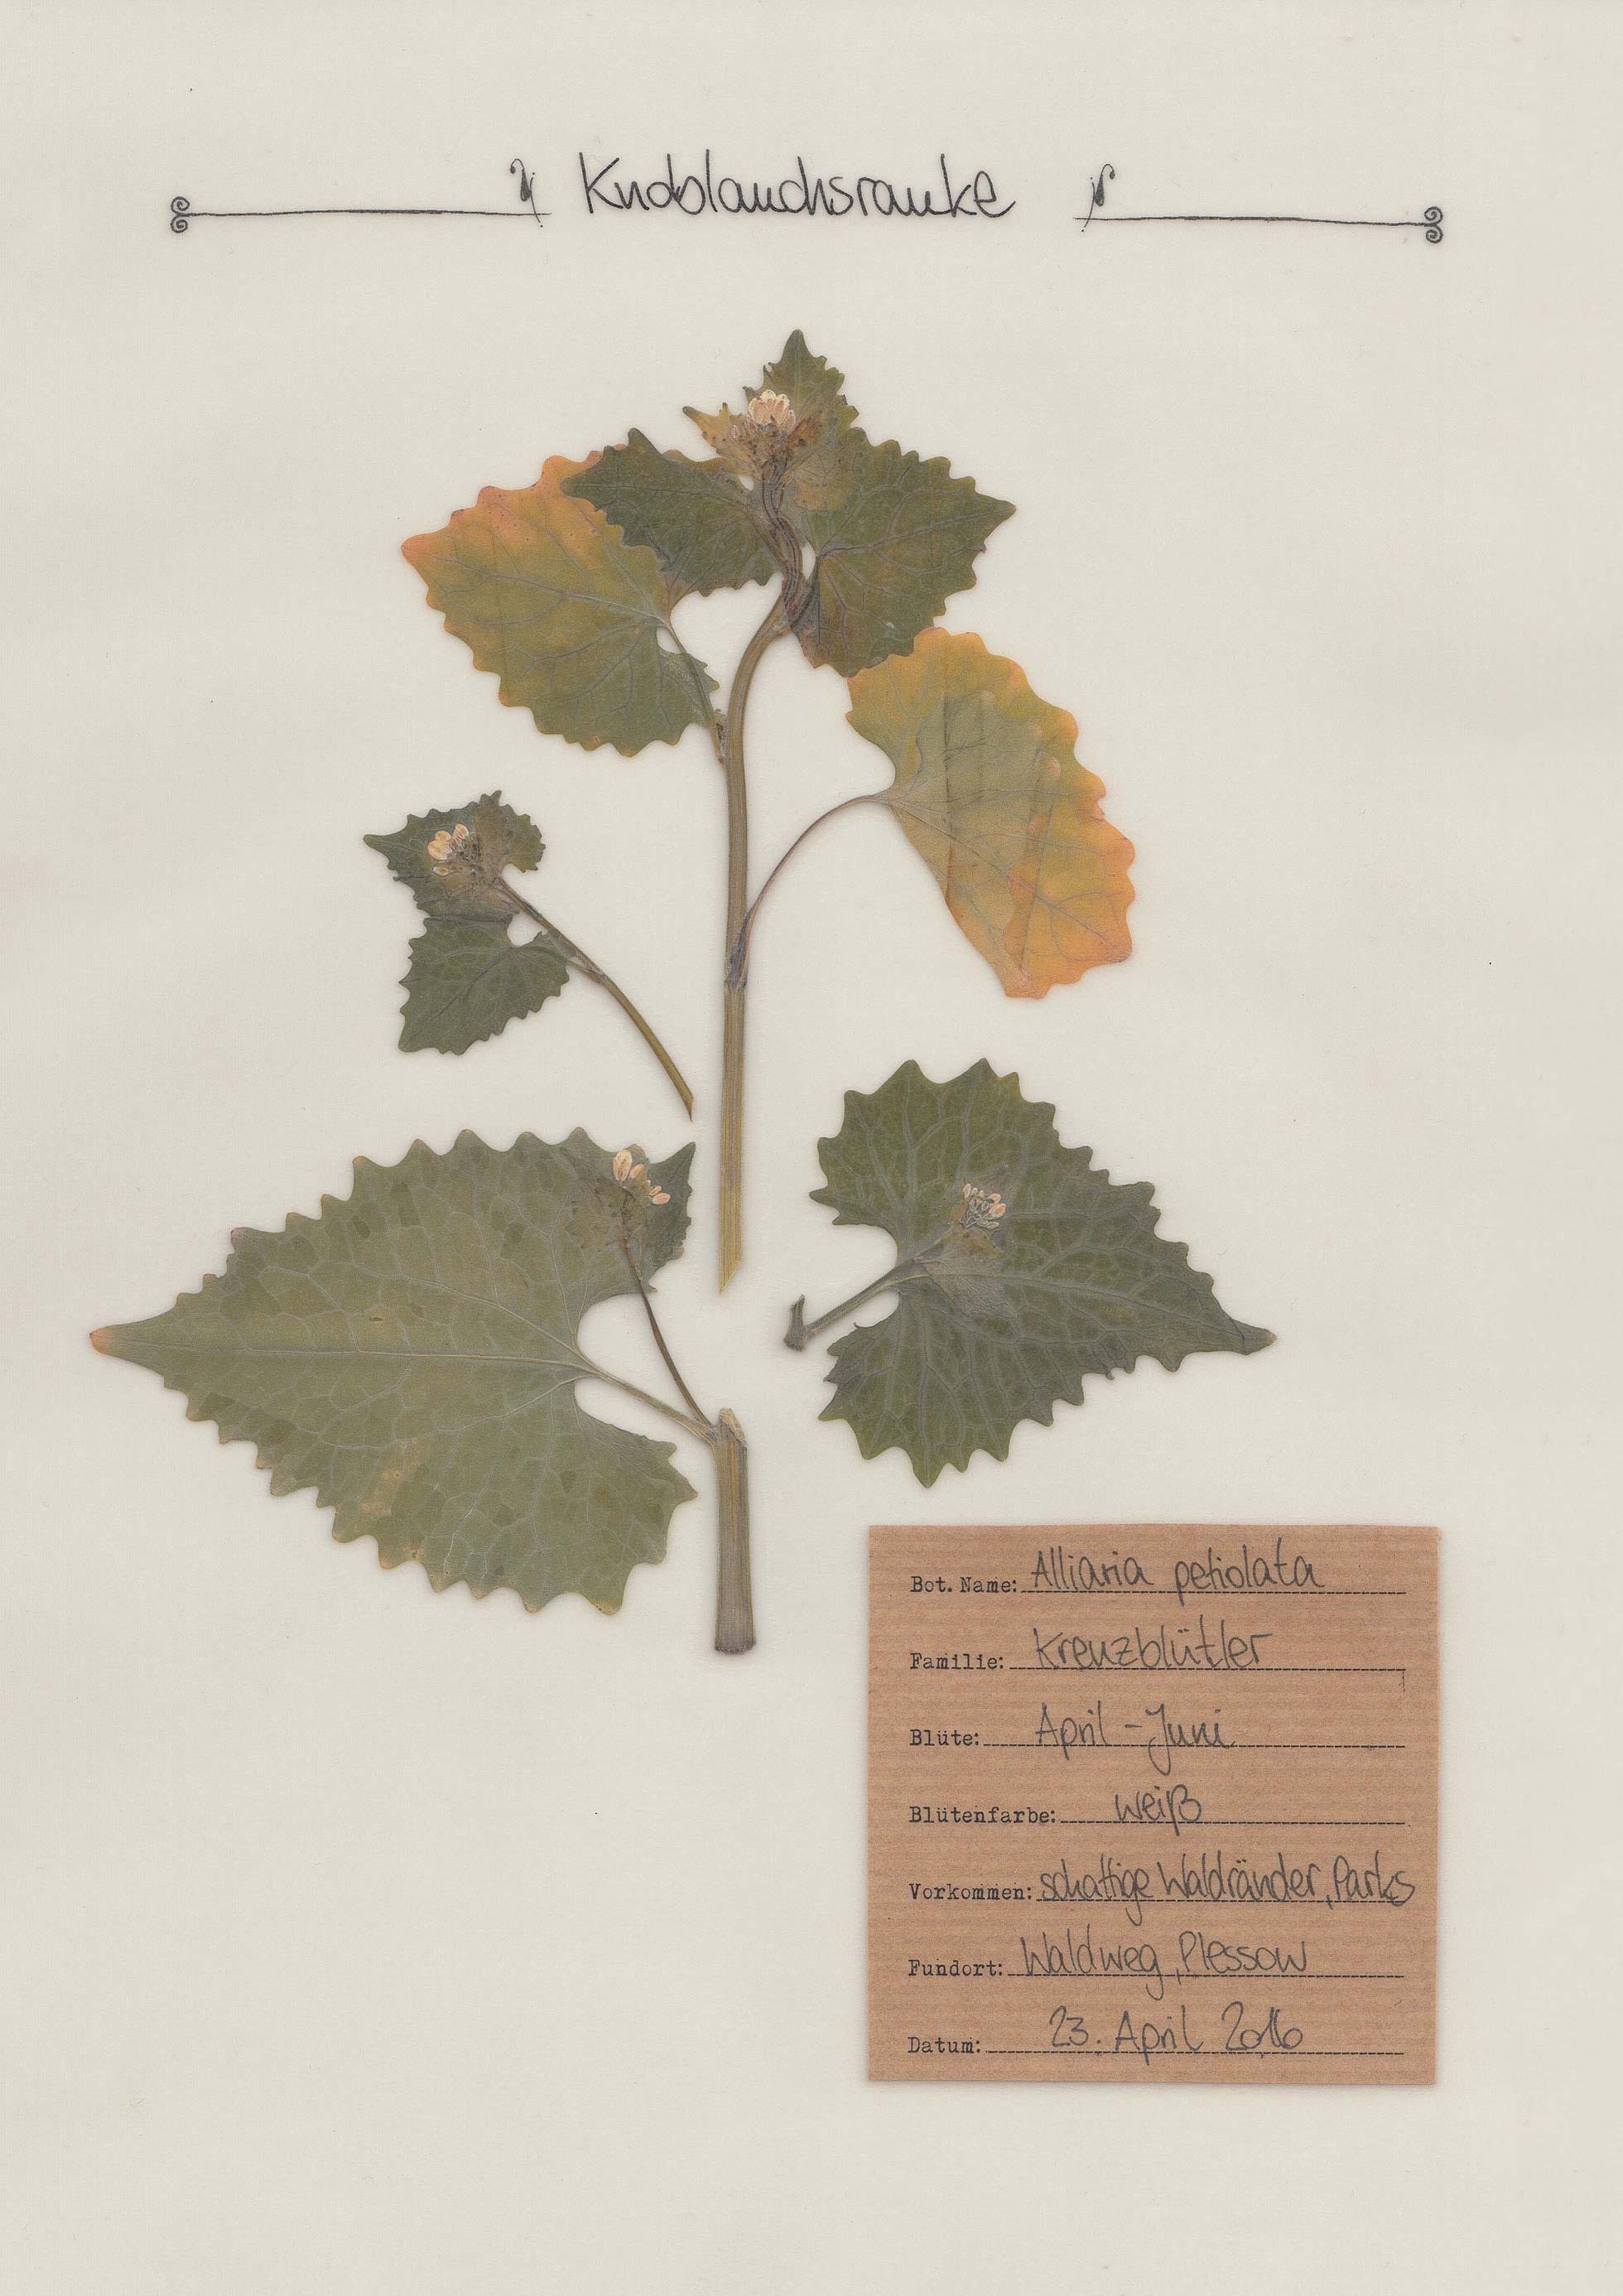 die knoblauchsrauke ein pflanzenportrait im herbal hunter herbarium. Black Bedroom Furniture Sets. Home Design Ideas